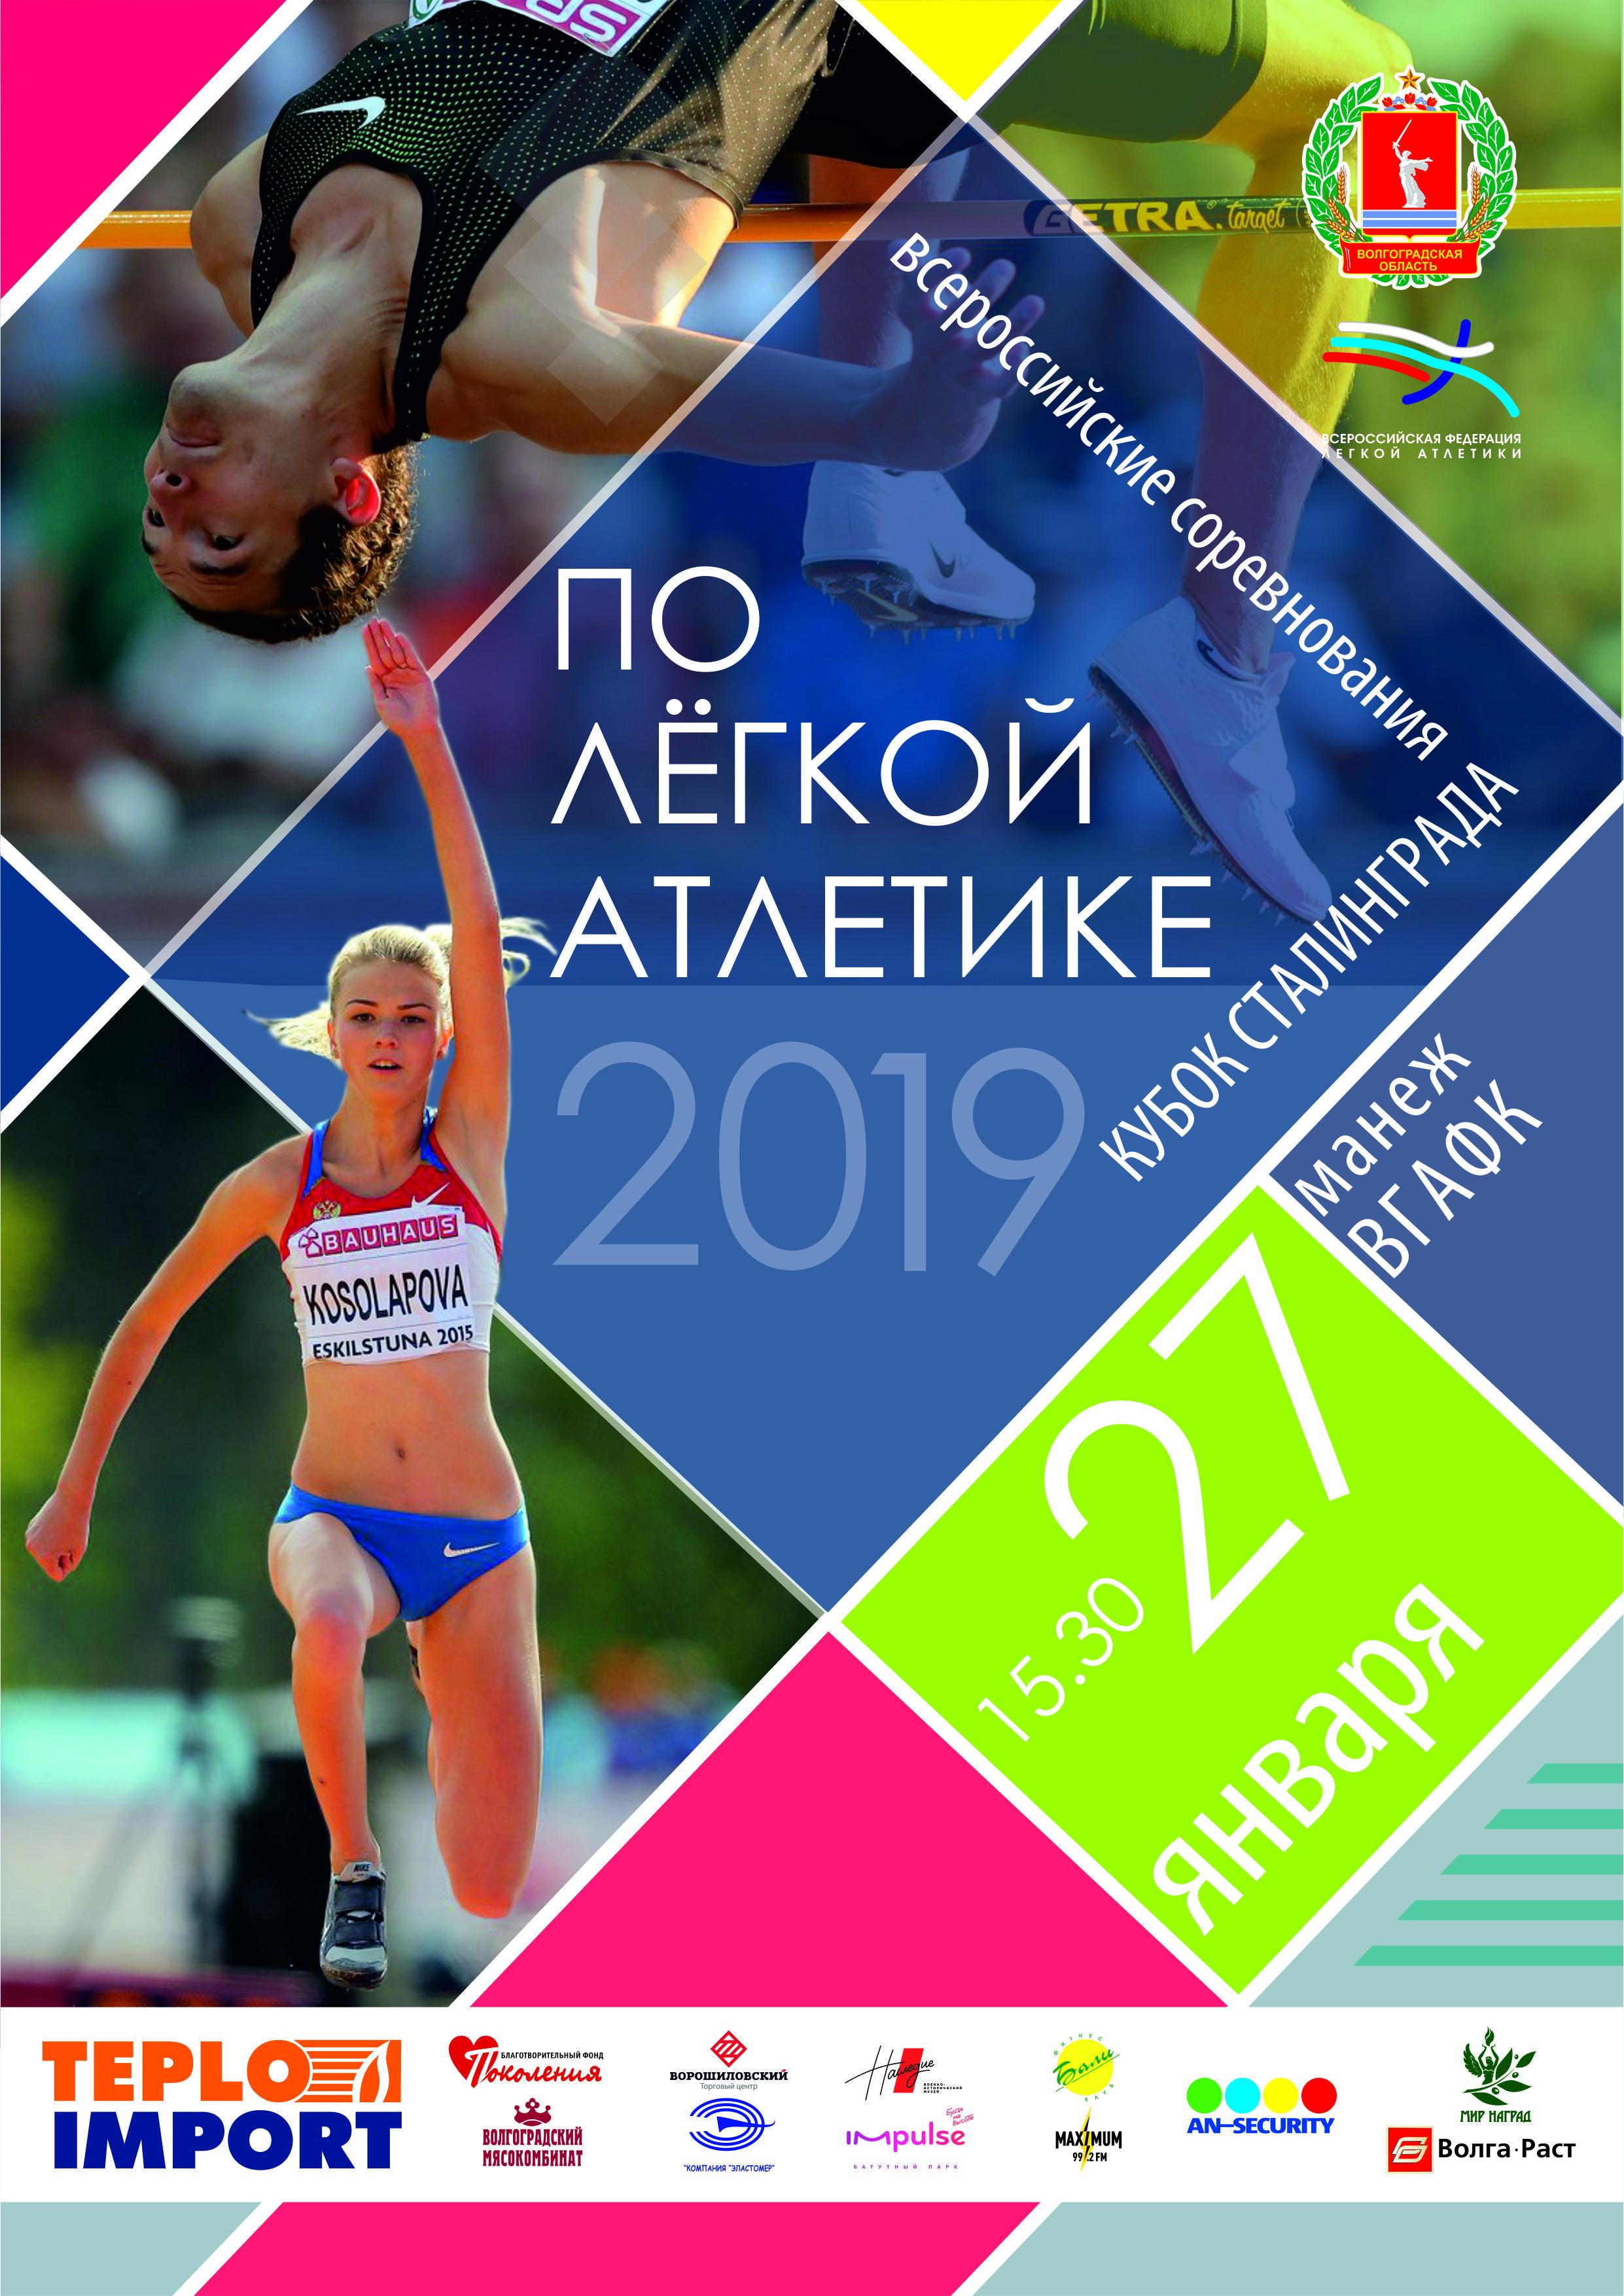 24 Афиша  Кубок Сталинграда 2019 в печать